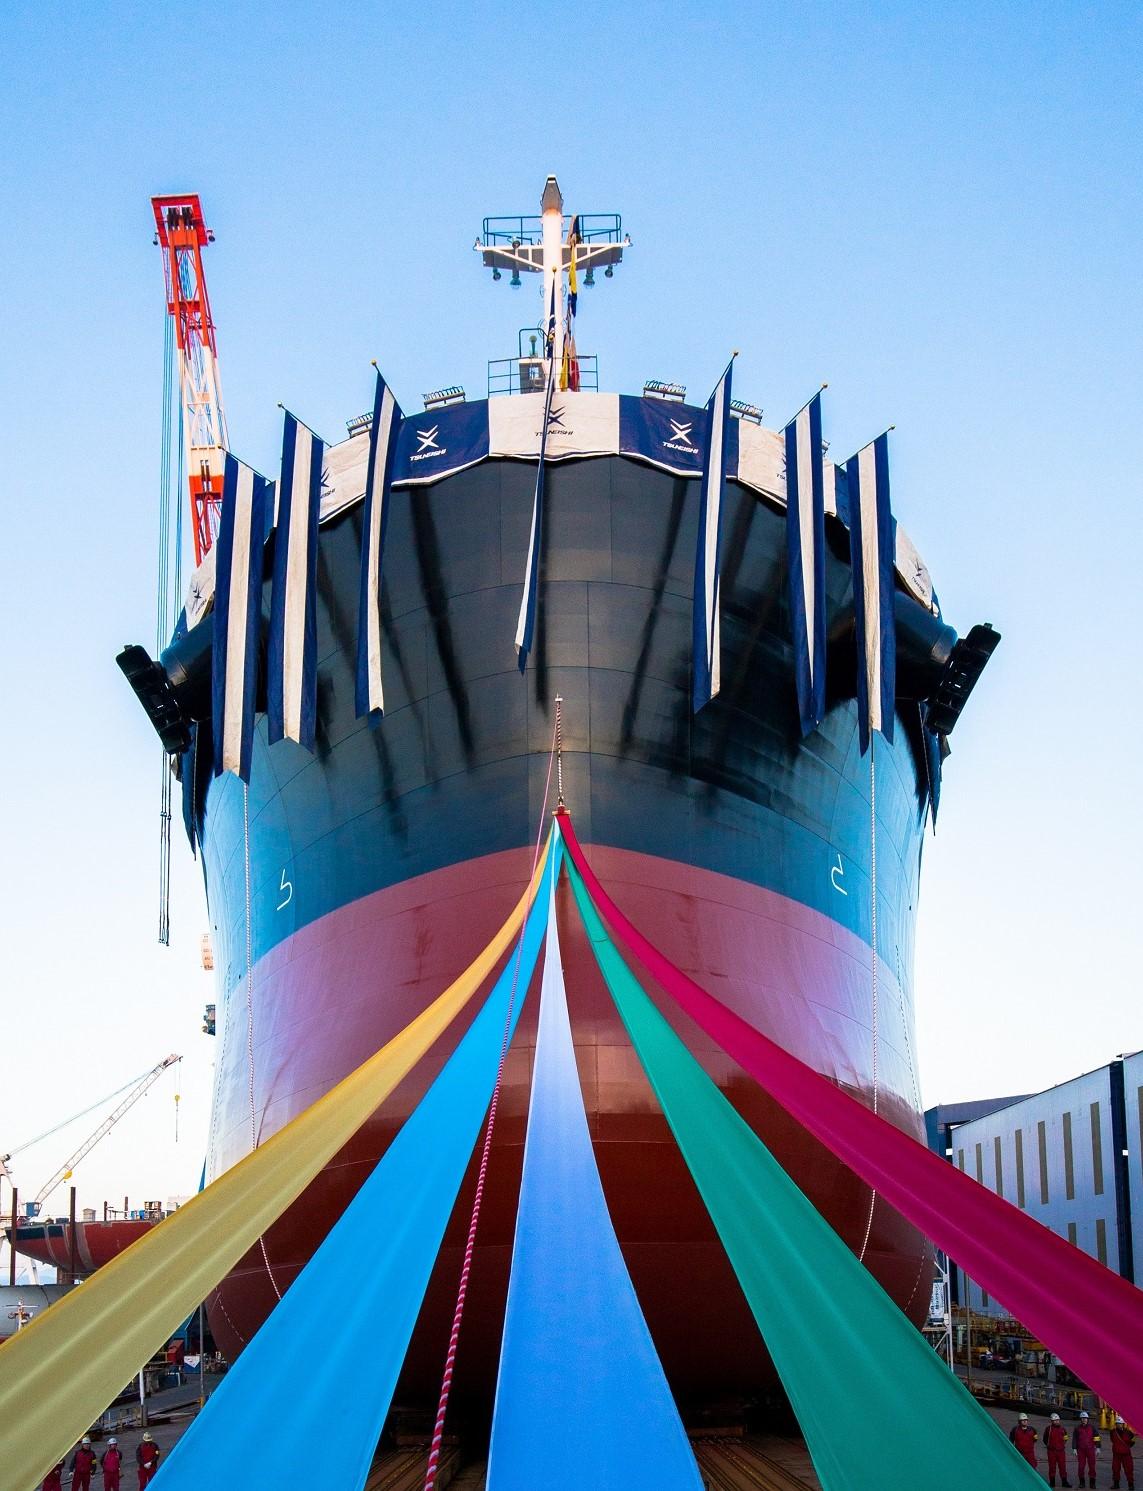 2018年9月20日,常石造船举行8万吨级散货船下水仪式并向公众开放